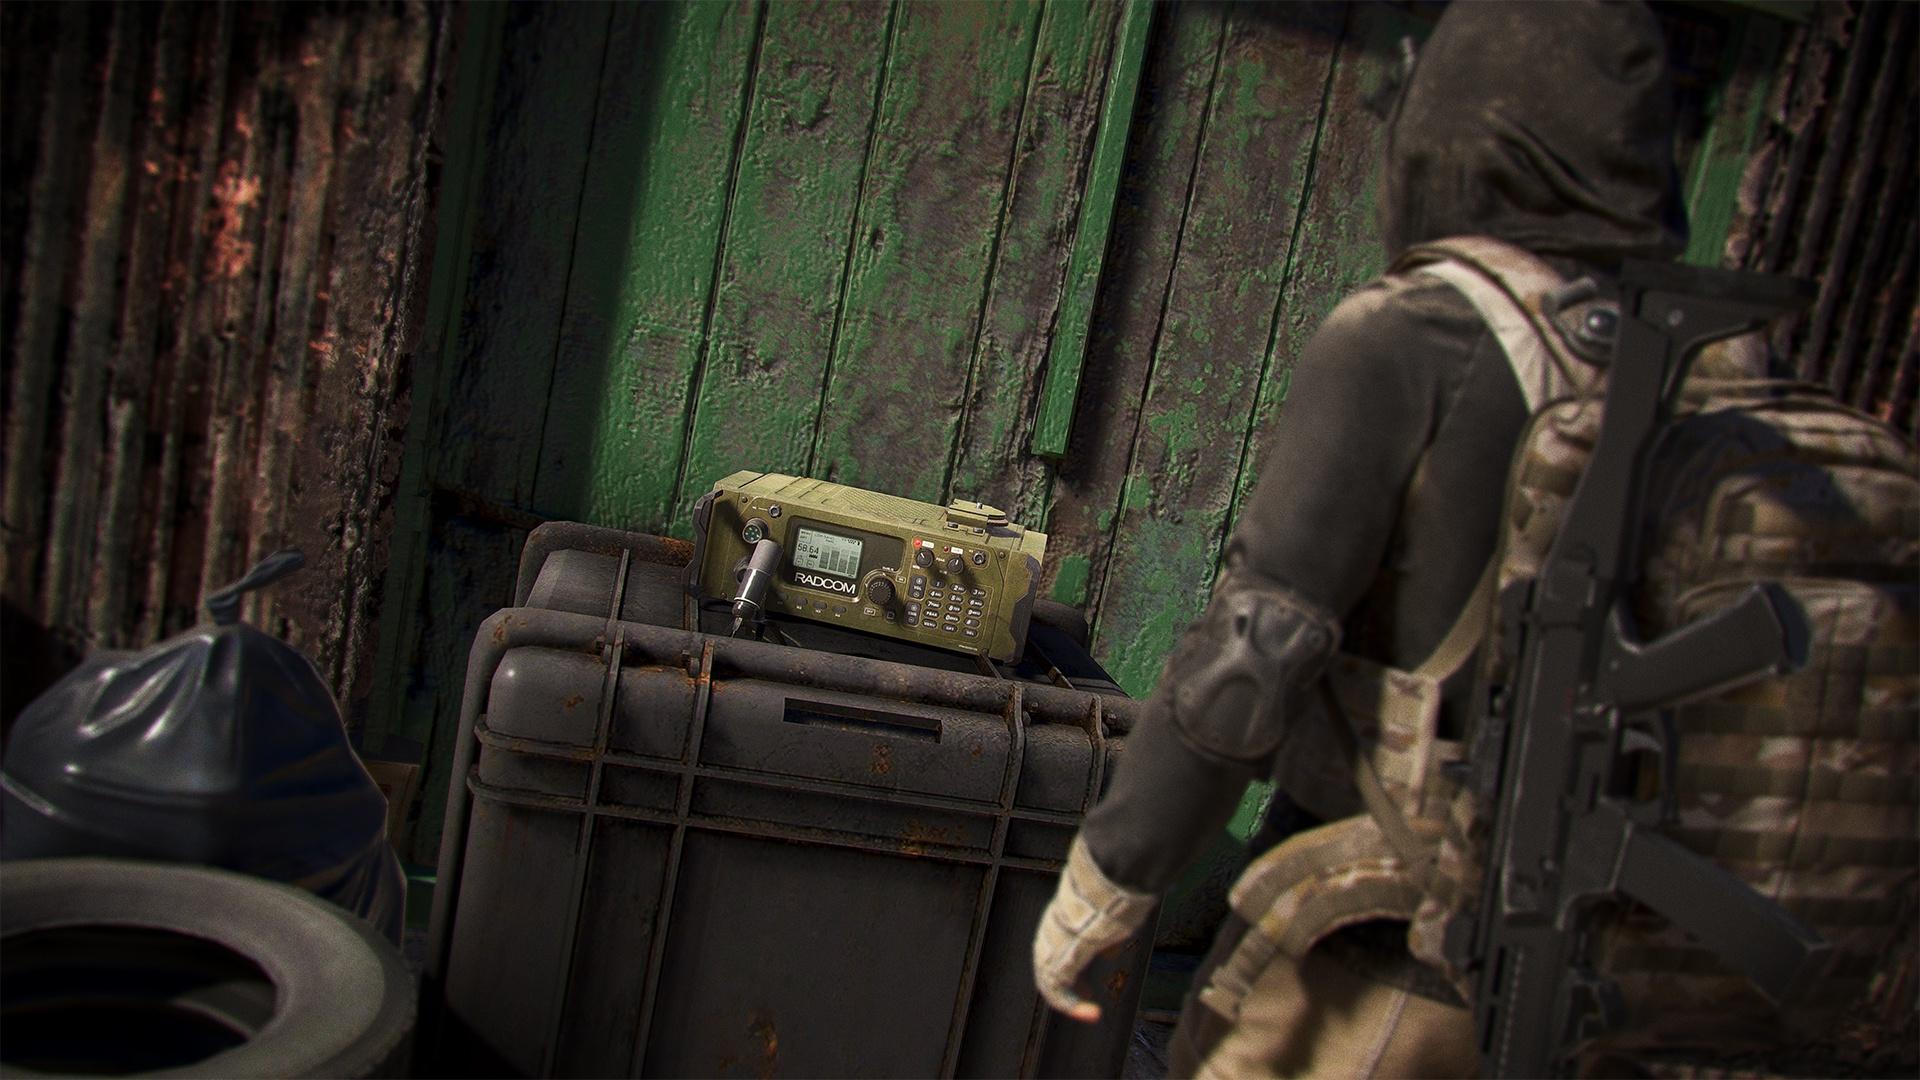 Llegó Mercenaries, el nuevo modo de juego para Ghost Recon Wildlands: todos los detalles